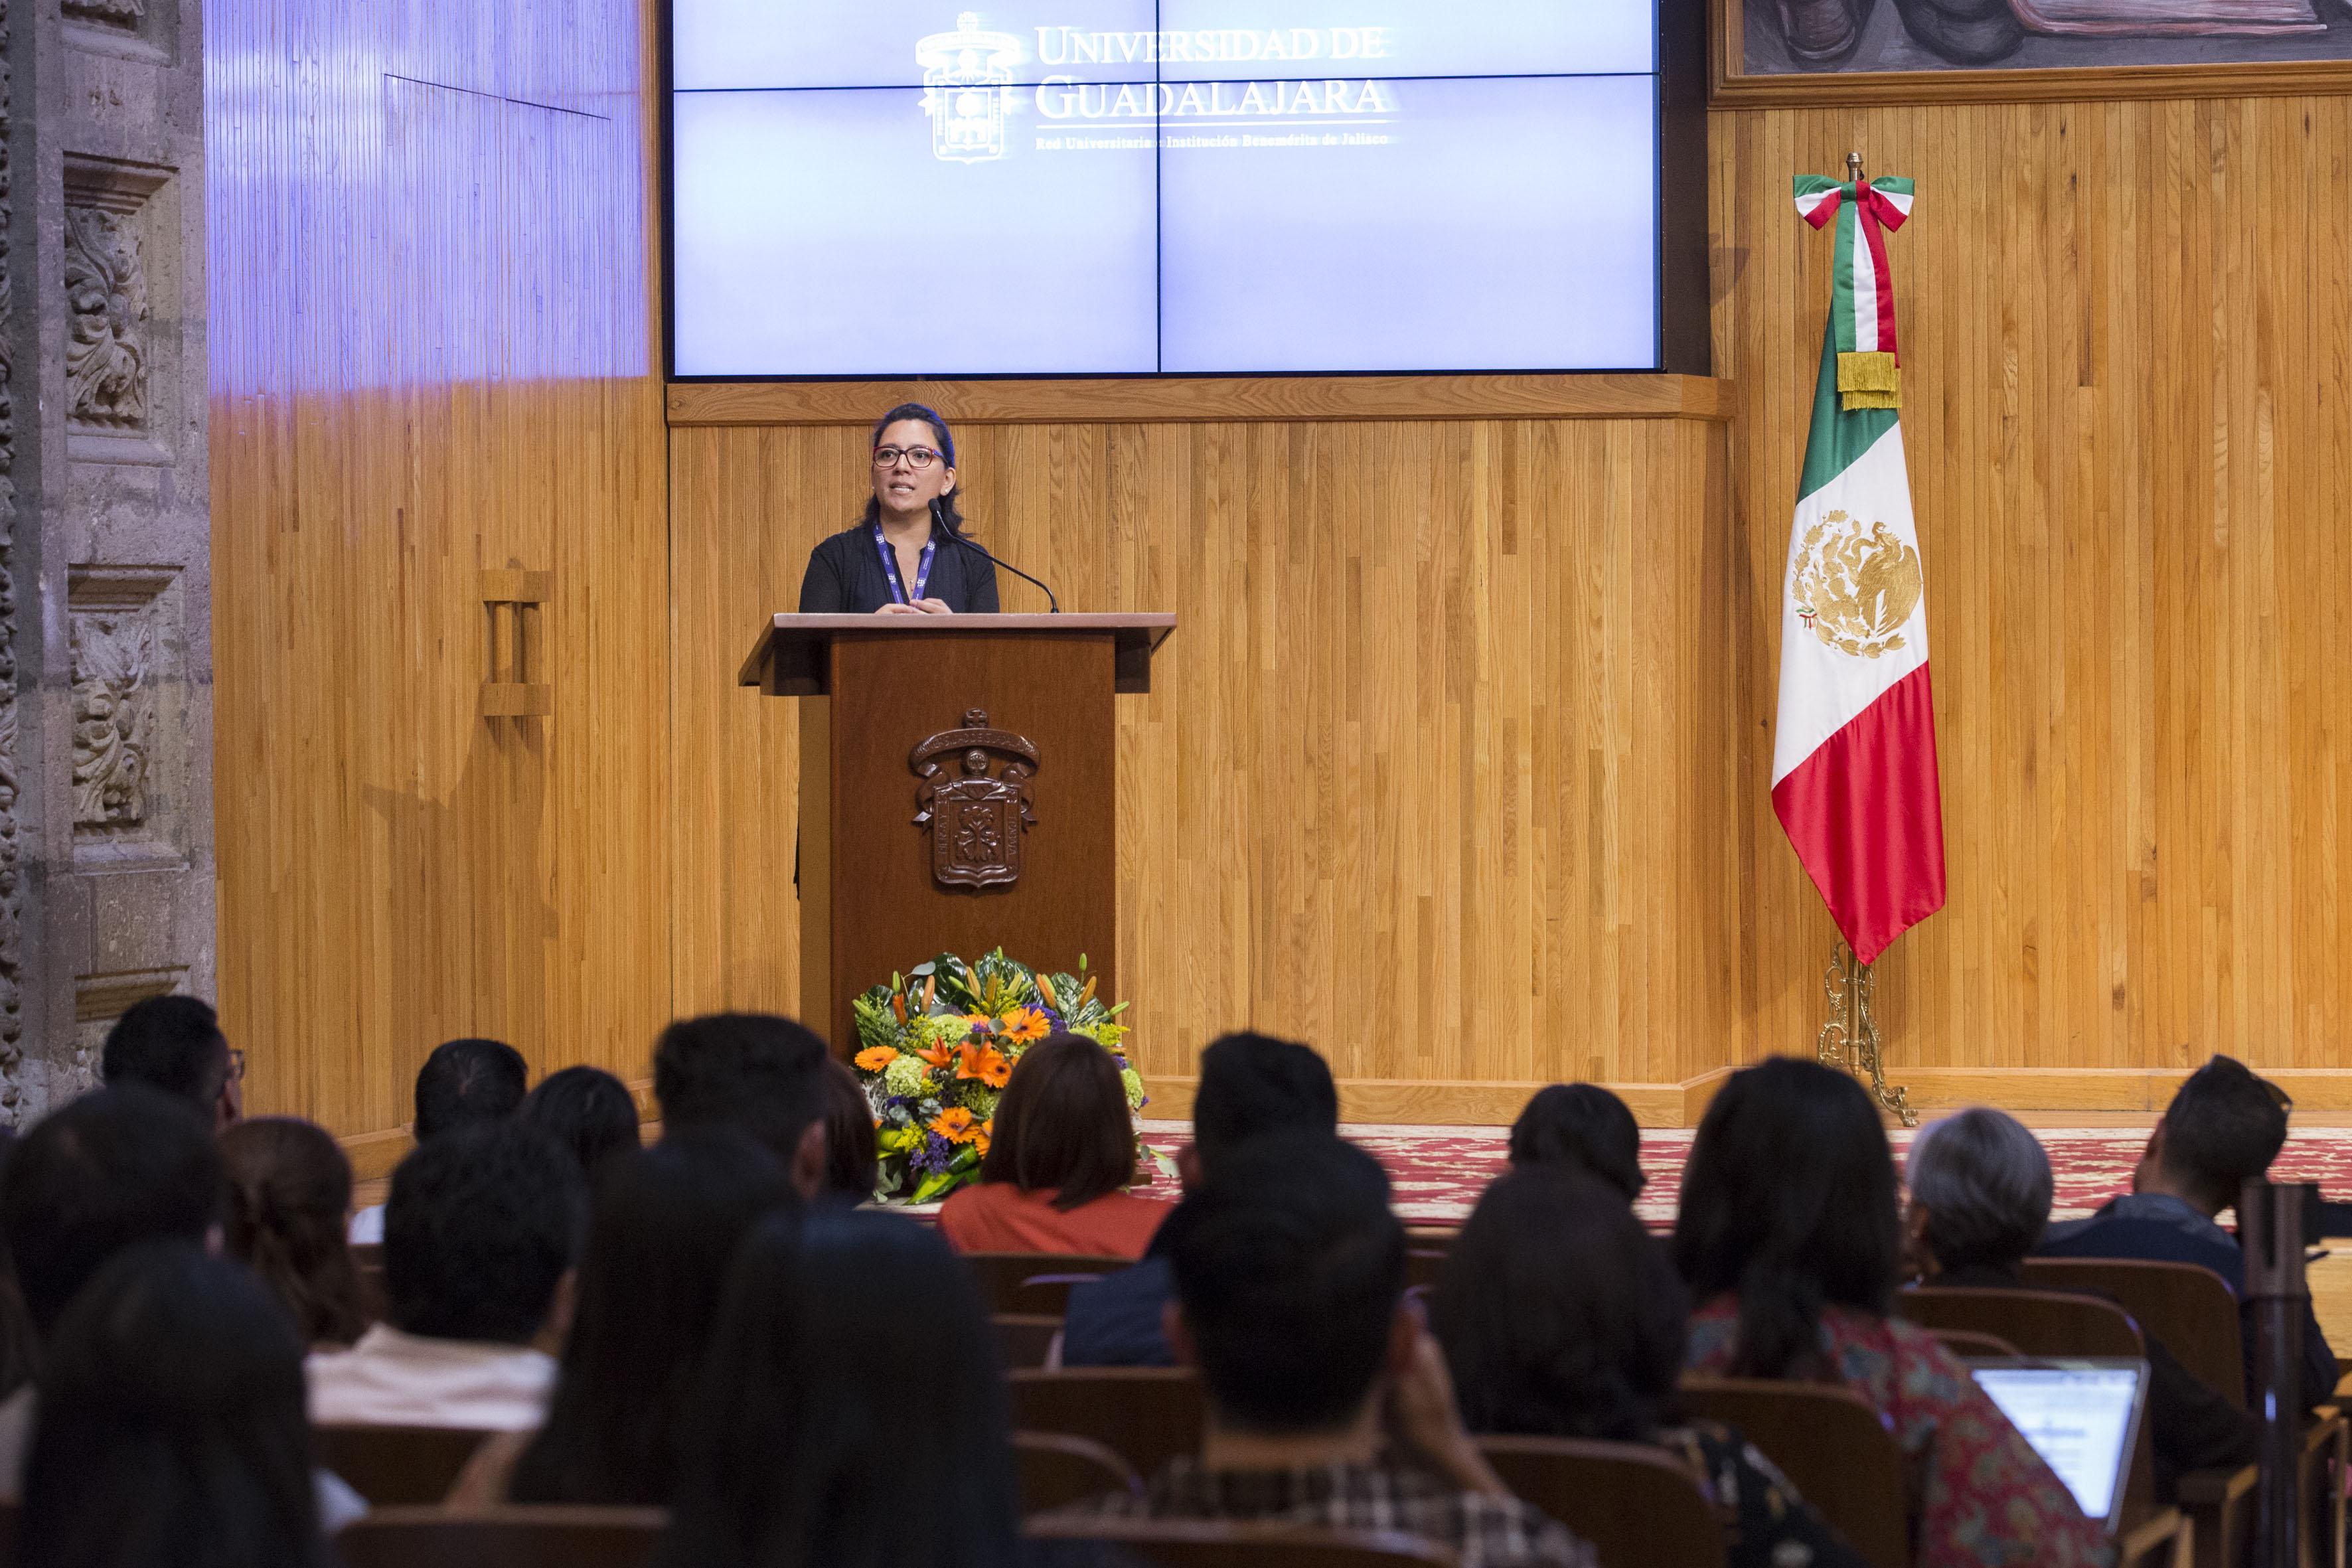 Ponente haciendo uso de la palabra en la inauguración del III Encuentro Latinoamericano de Innovación Social desde el Sector Público (ELIS) 2017, en el Paraninfo Enrique Díaz de León de la UdeG.